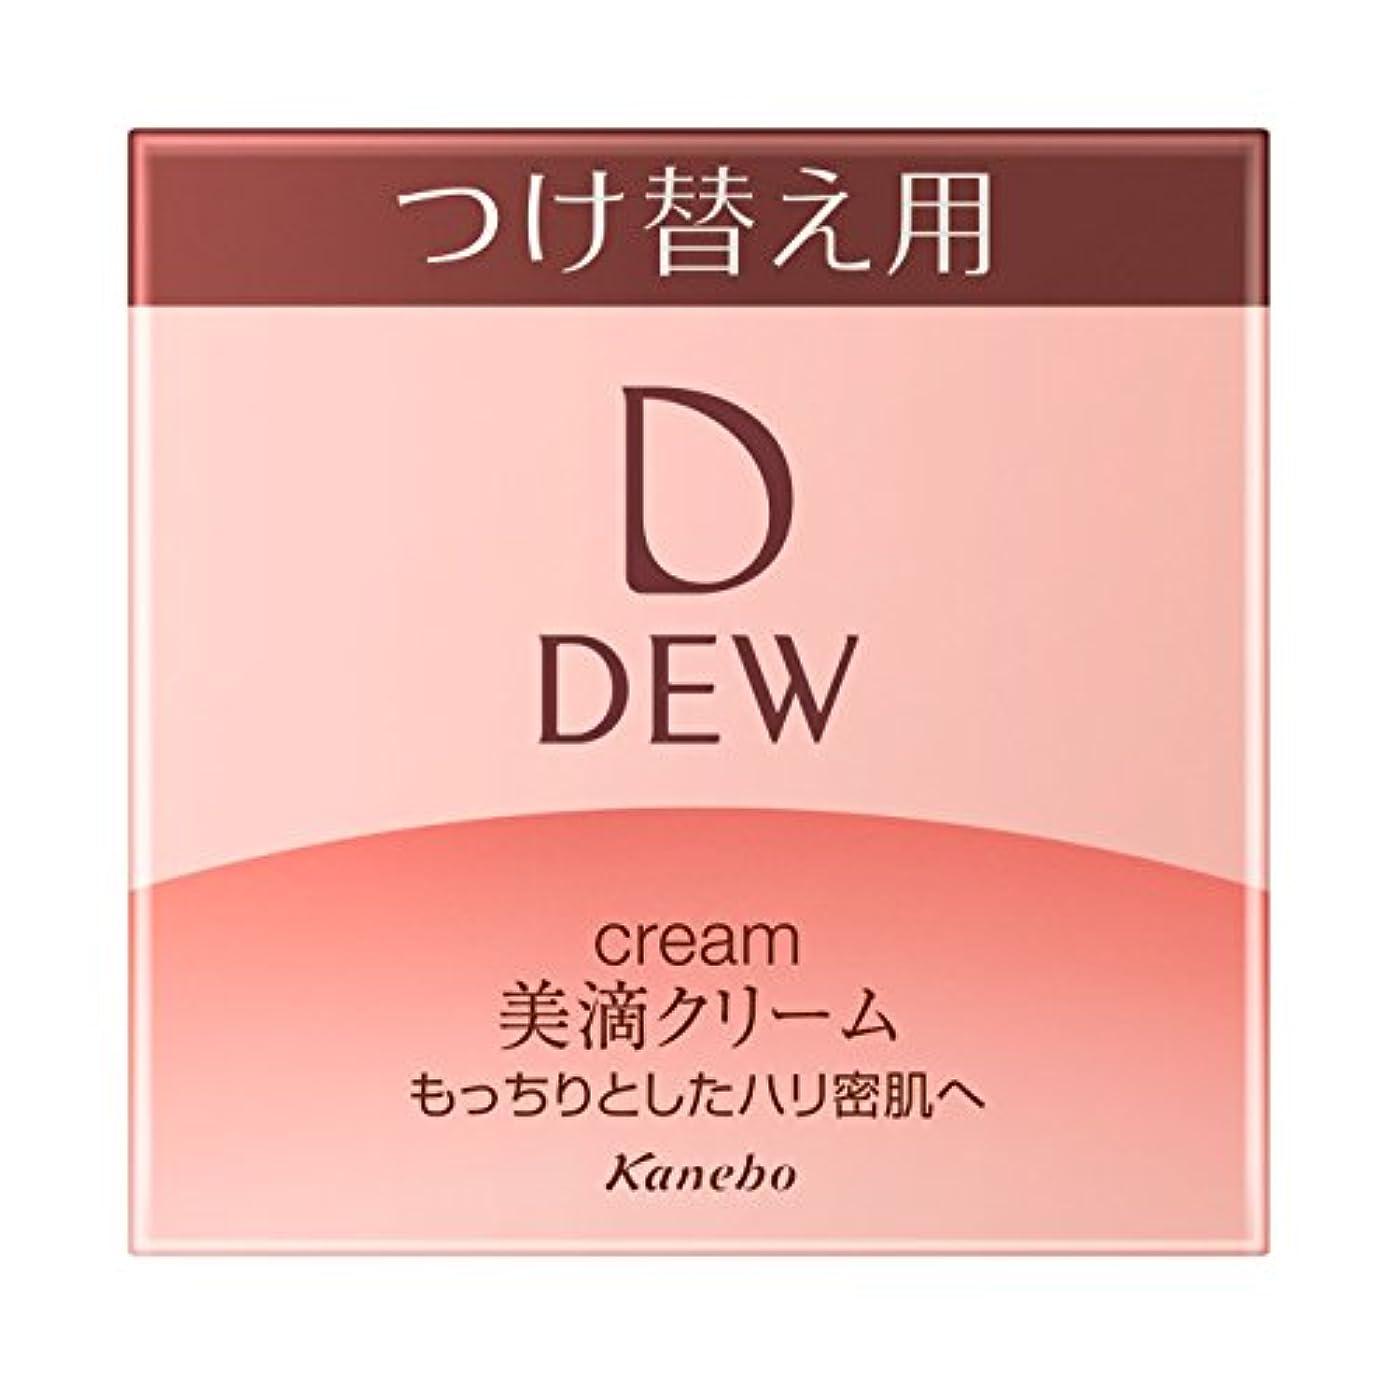 借りている後液体DEW クリーム レフィル 30g 保湿クリーム